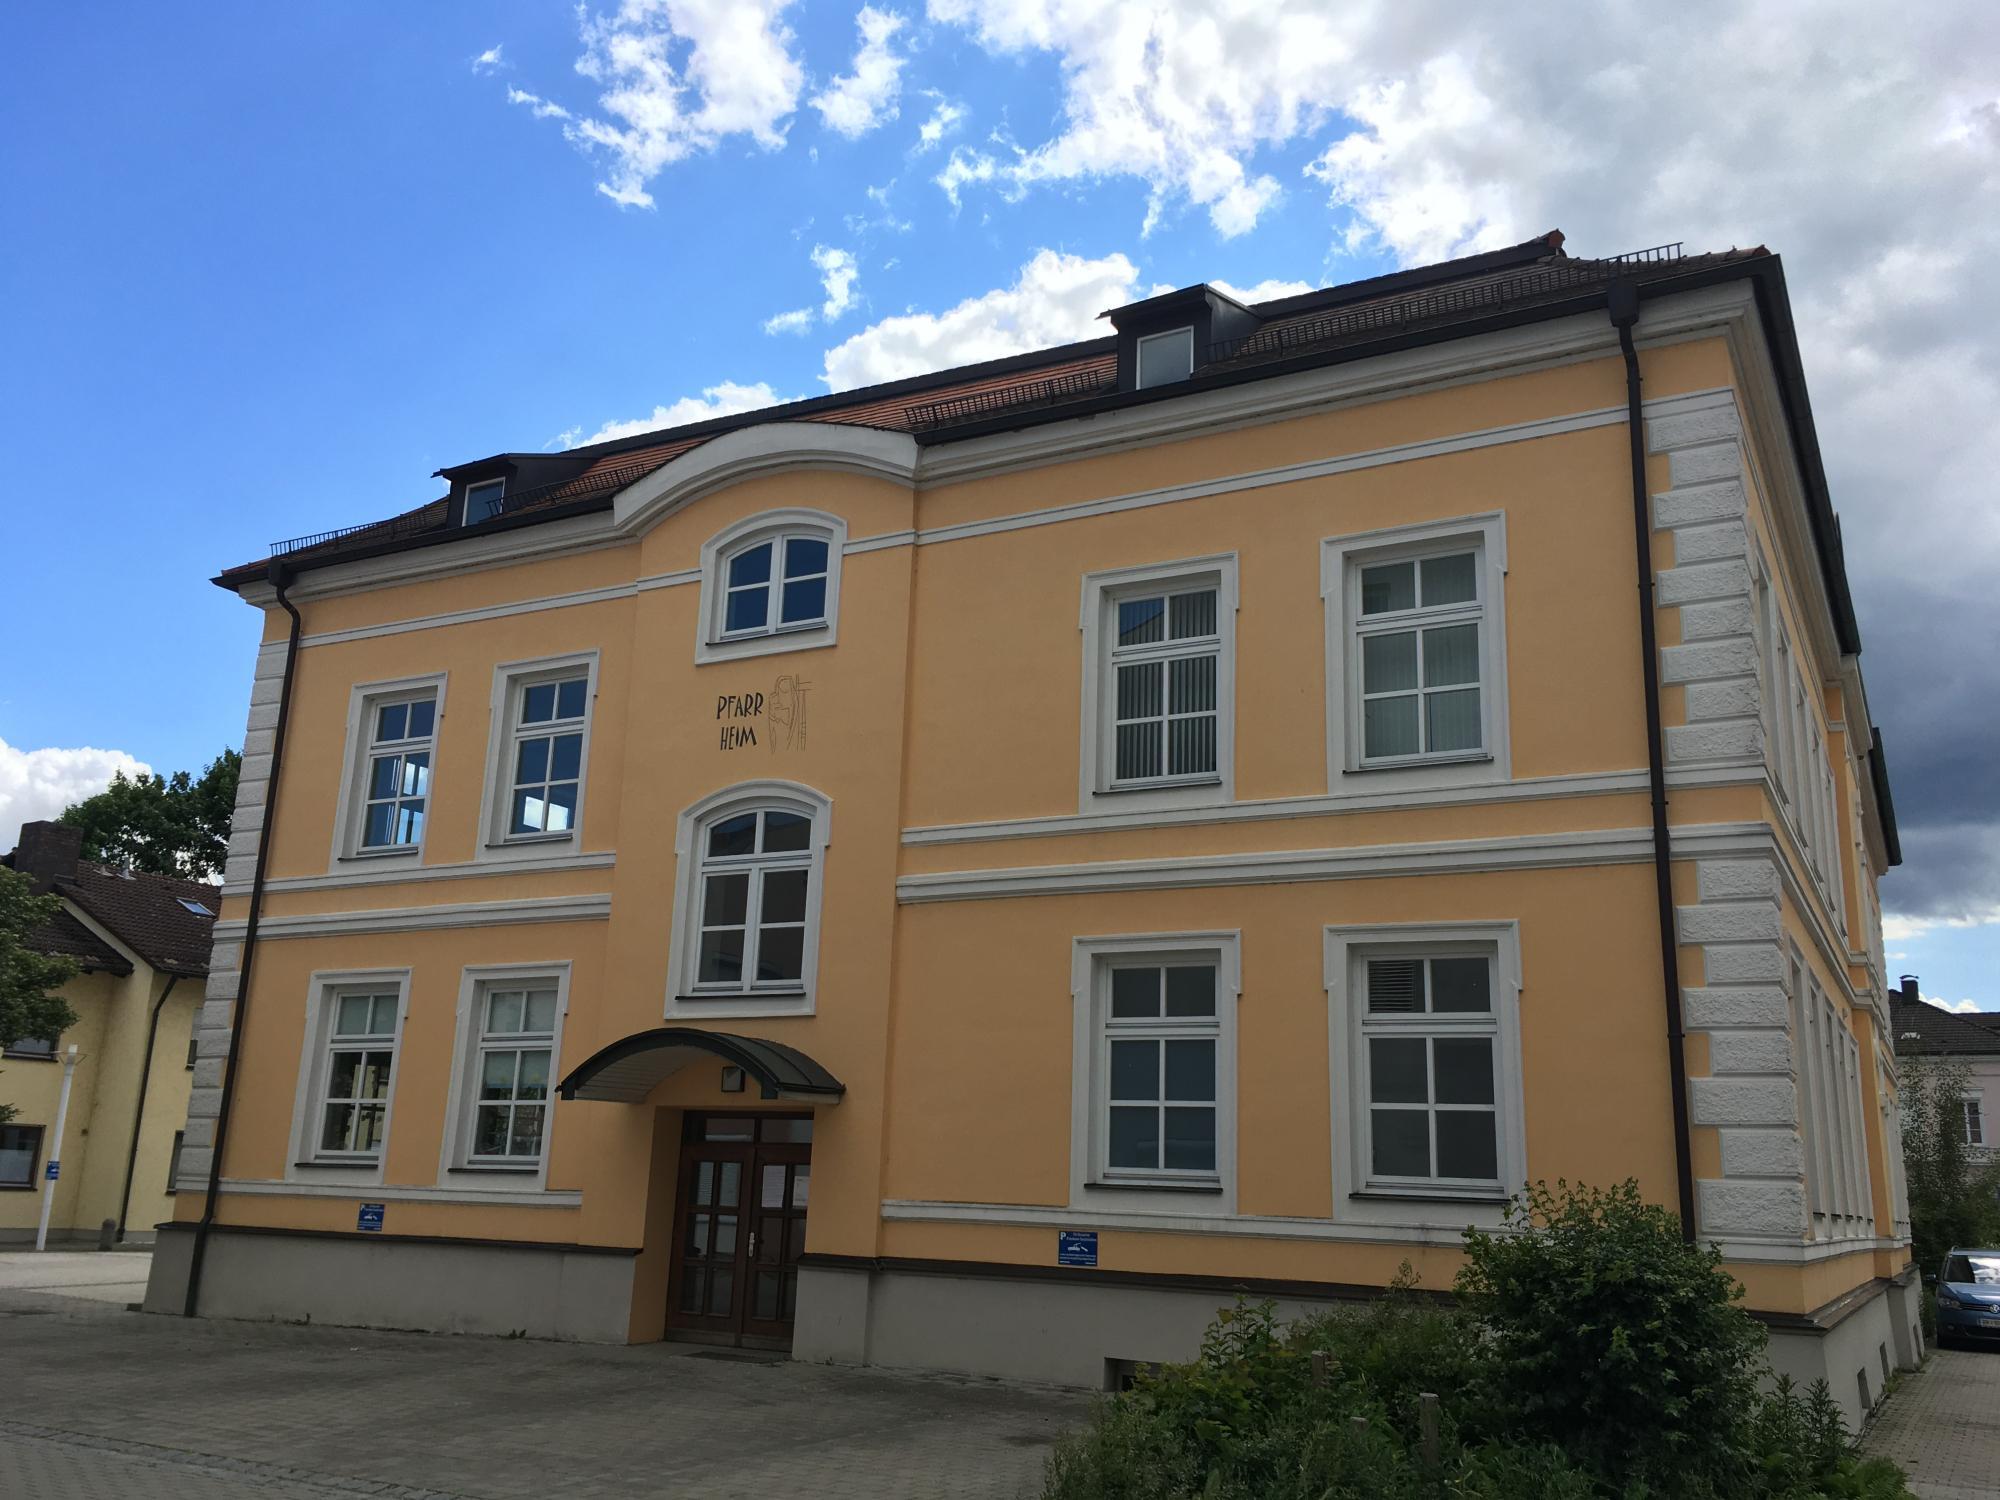 Pfarrheim St. Marien